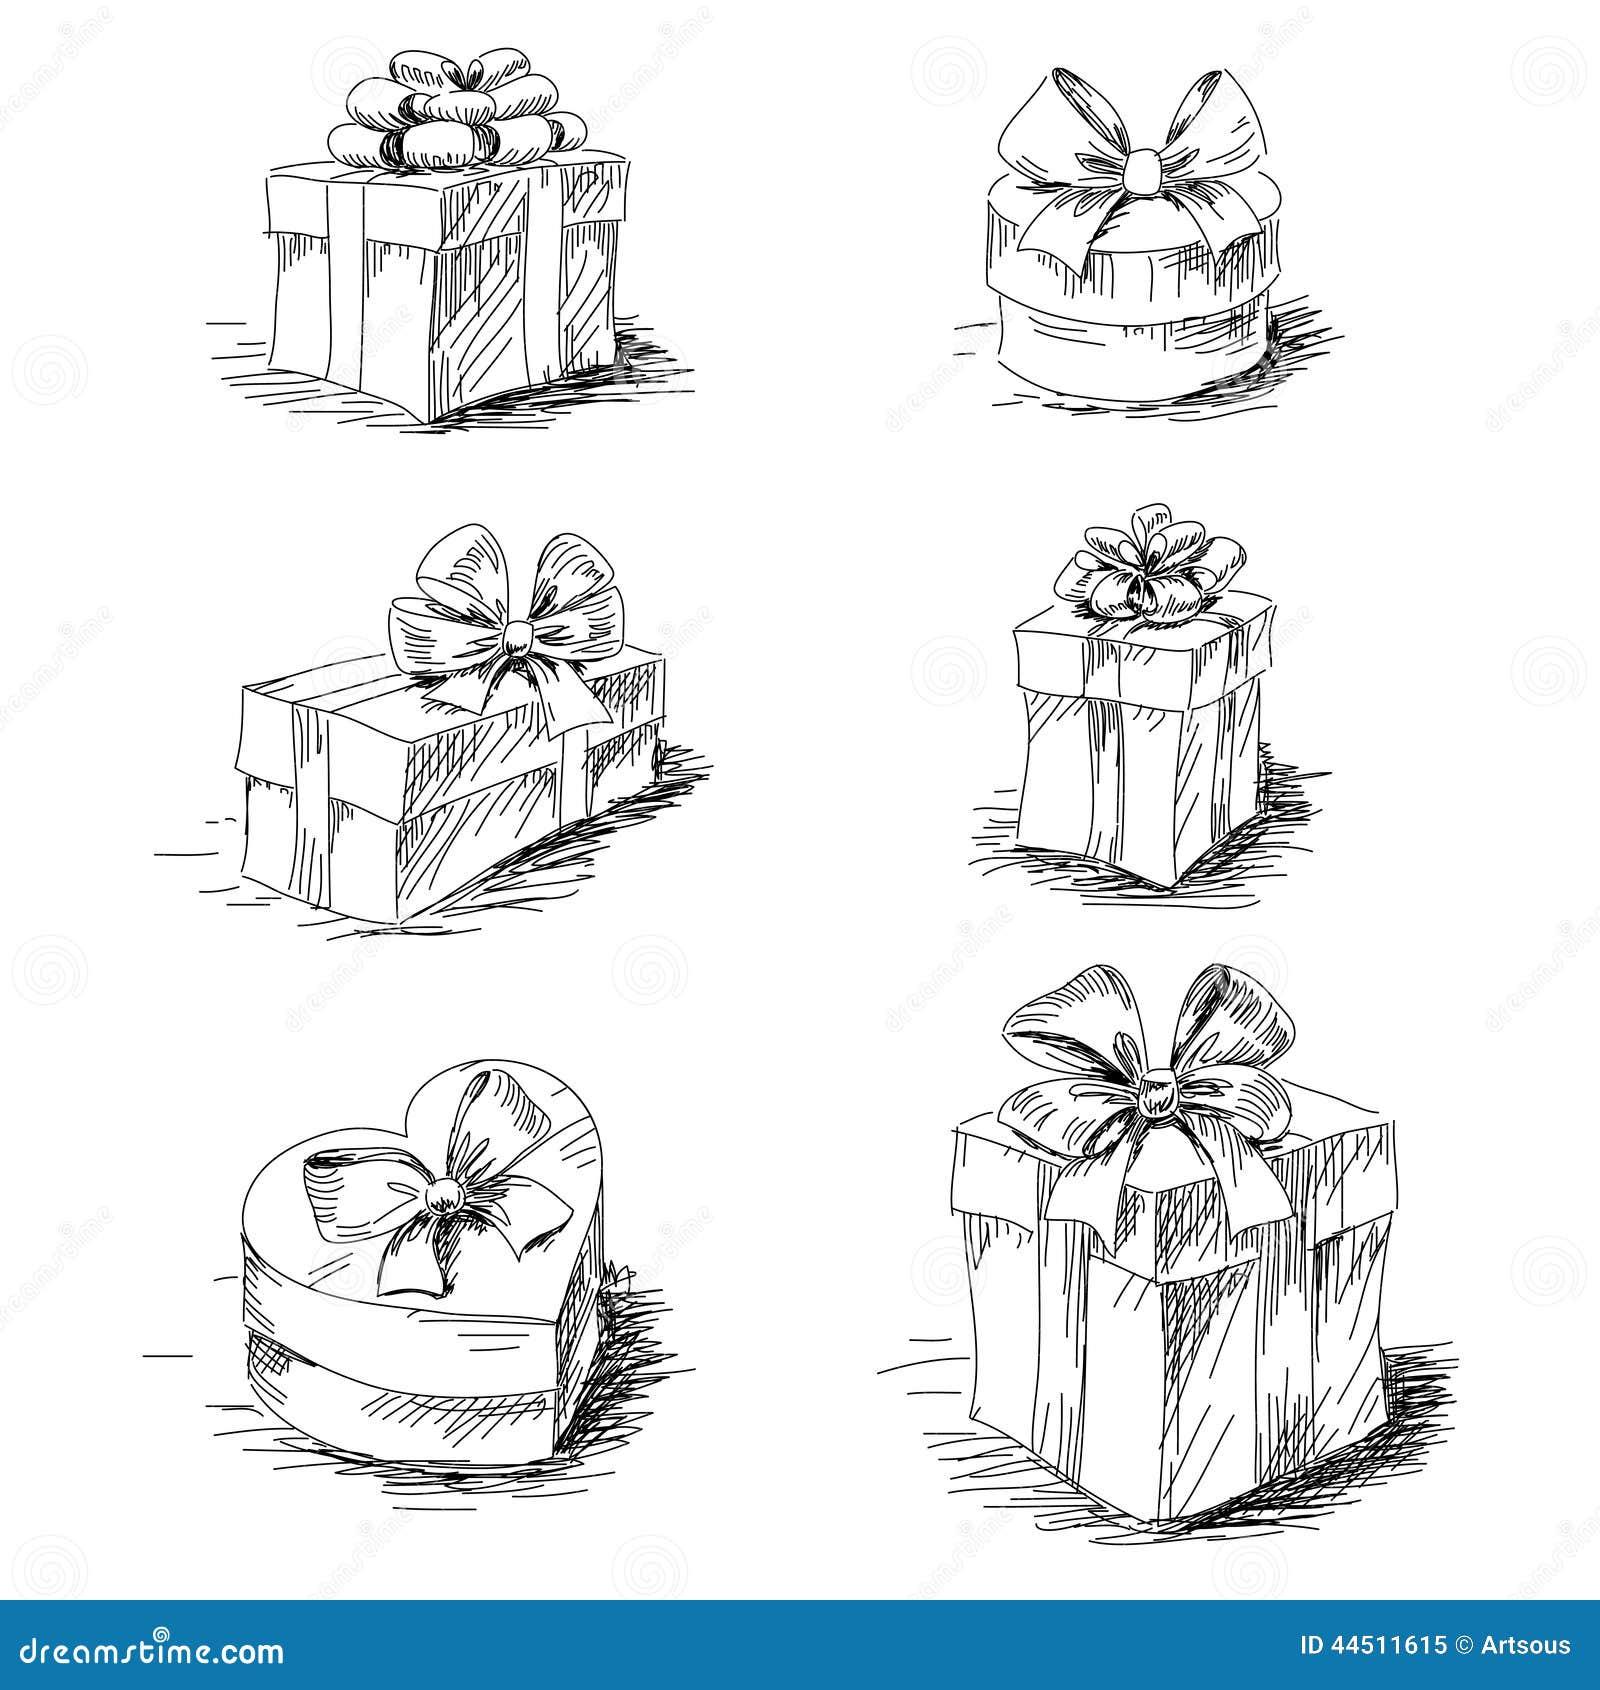 то, картинка подарка в коробке с бантом схематично коммерческая